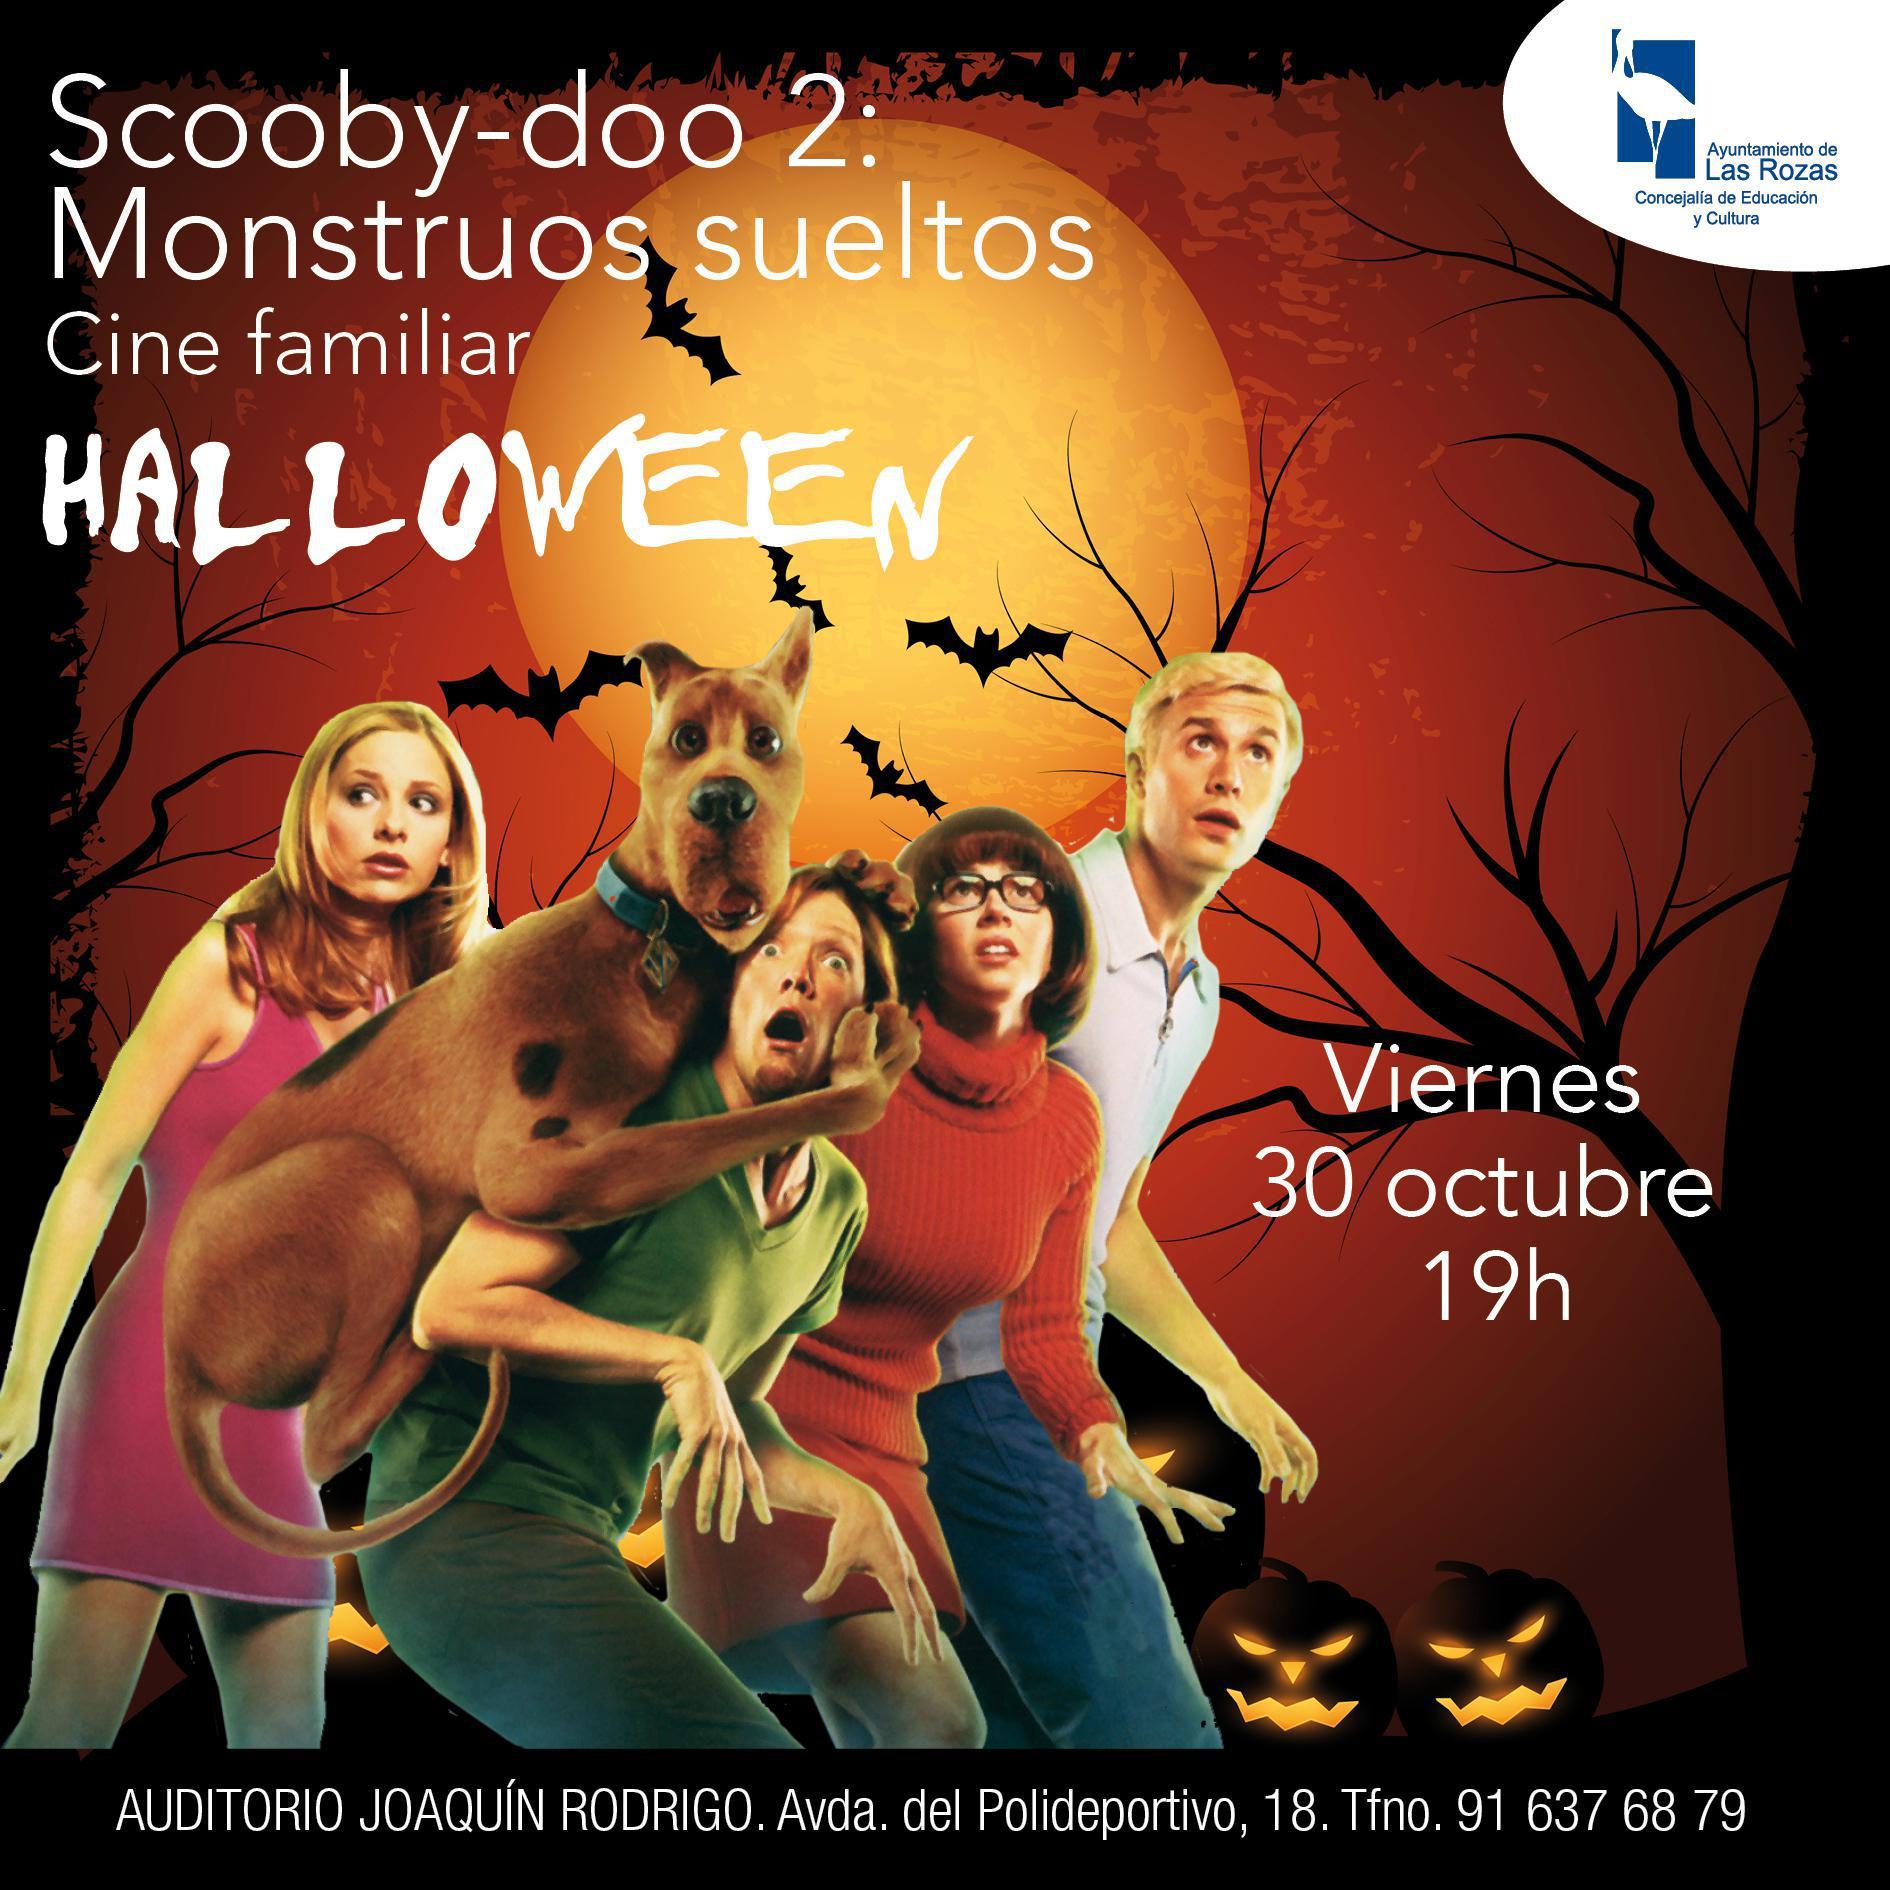 Las fiestas de Halloween, teatro y cuentacuentos en las bibliotecas marcan la agenda cultural de Las Rozas